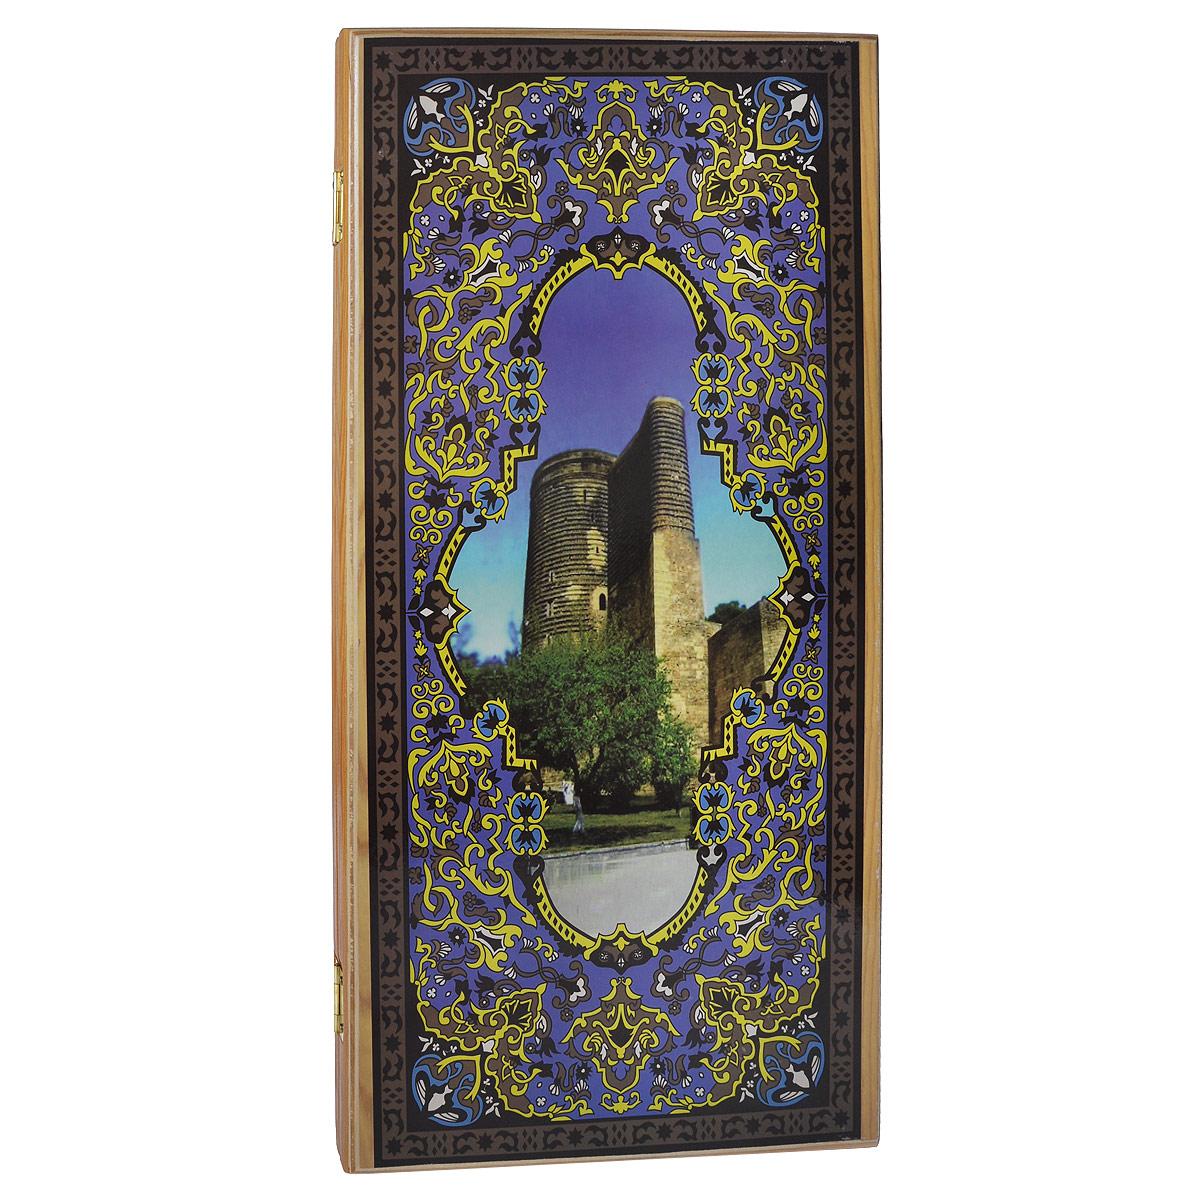 Нарды большие Походные. Девичья башня, цвет: светлое дерево, размер: 60х30х4 см. 1047/91047/9 светлНарды Походные. Девичья башня представляют собой деревянный кейс, который закрывается на металлический замок. Крышка оформлена орнаментом. Внутренняя часть кейса - игровое поле для игры в нарды. В наборе имеются два игральных кубика и деревянные шашки. Цель игры состоит в том, чтобы сначала привести шашки в свой дом (мешая в тоже время сделать это сопернику), а затем, когда это удалось сделать, снять их с доски быстрее соперника. Побеждает тот, кто первым снял свои шашки. Нарды - древняя восточная игра. Родина этой игры неизвестна, однако, известно, что люди играют в эту игру уже более 7000 лет. На игровой доске для нард все кратно шести и имеет связь со временем. 24 пункта представляют 24 часа, 30 шашек представляют 30 дней в месяце, 12 пунктов на каждой стороне доски символизируют 12 месяцев. Нарды - это отличный подарок, который понравится каждому.